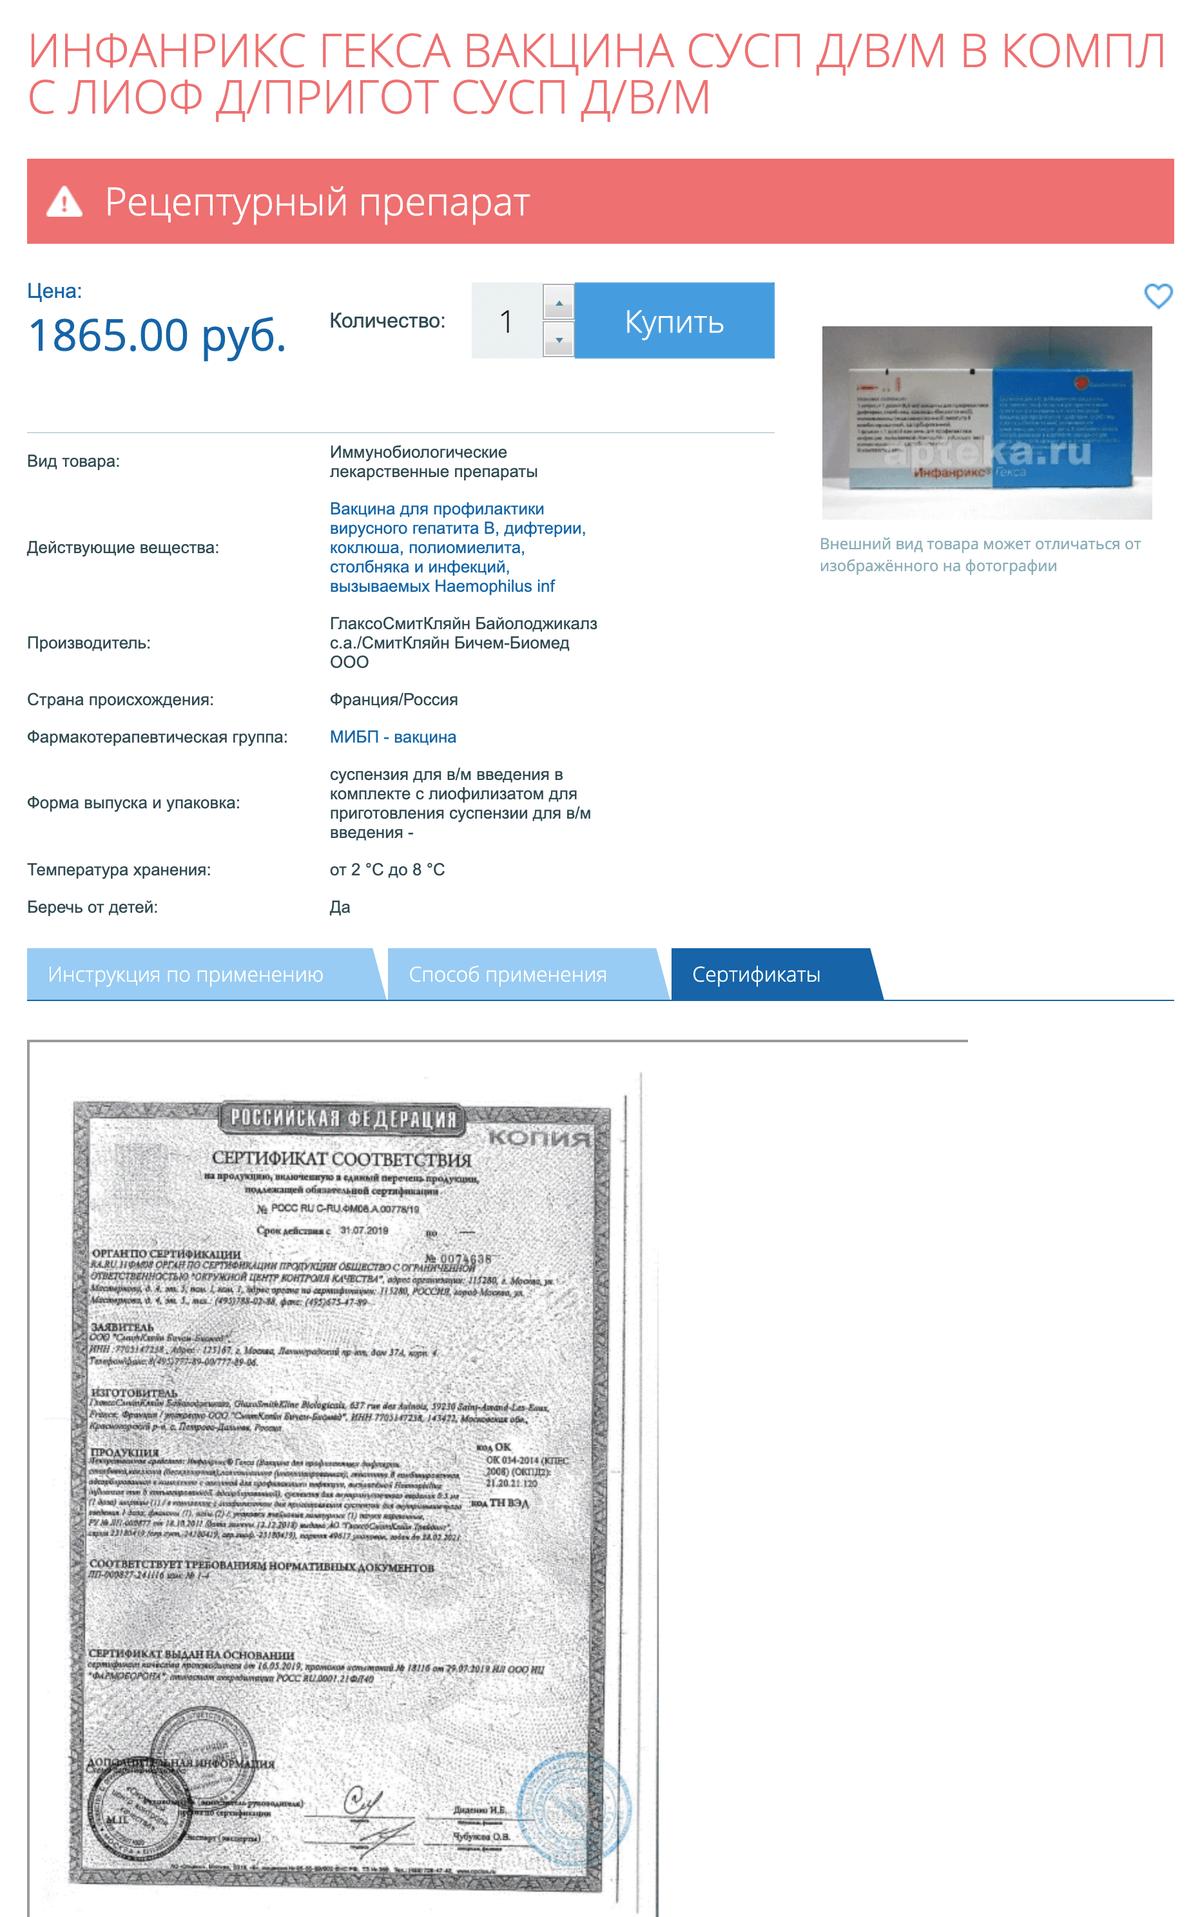 На сайтах интернет-аптек во вкладке «Сертификаты» должна быть копия сертификата о том, что вакцина подлинная. Такиеже копии мне давали в аптеке, с печатью и подписью директора